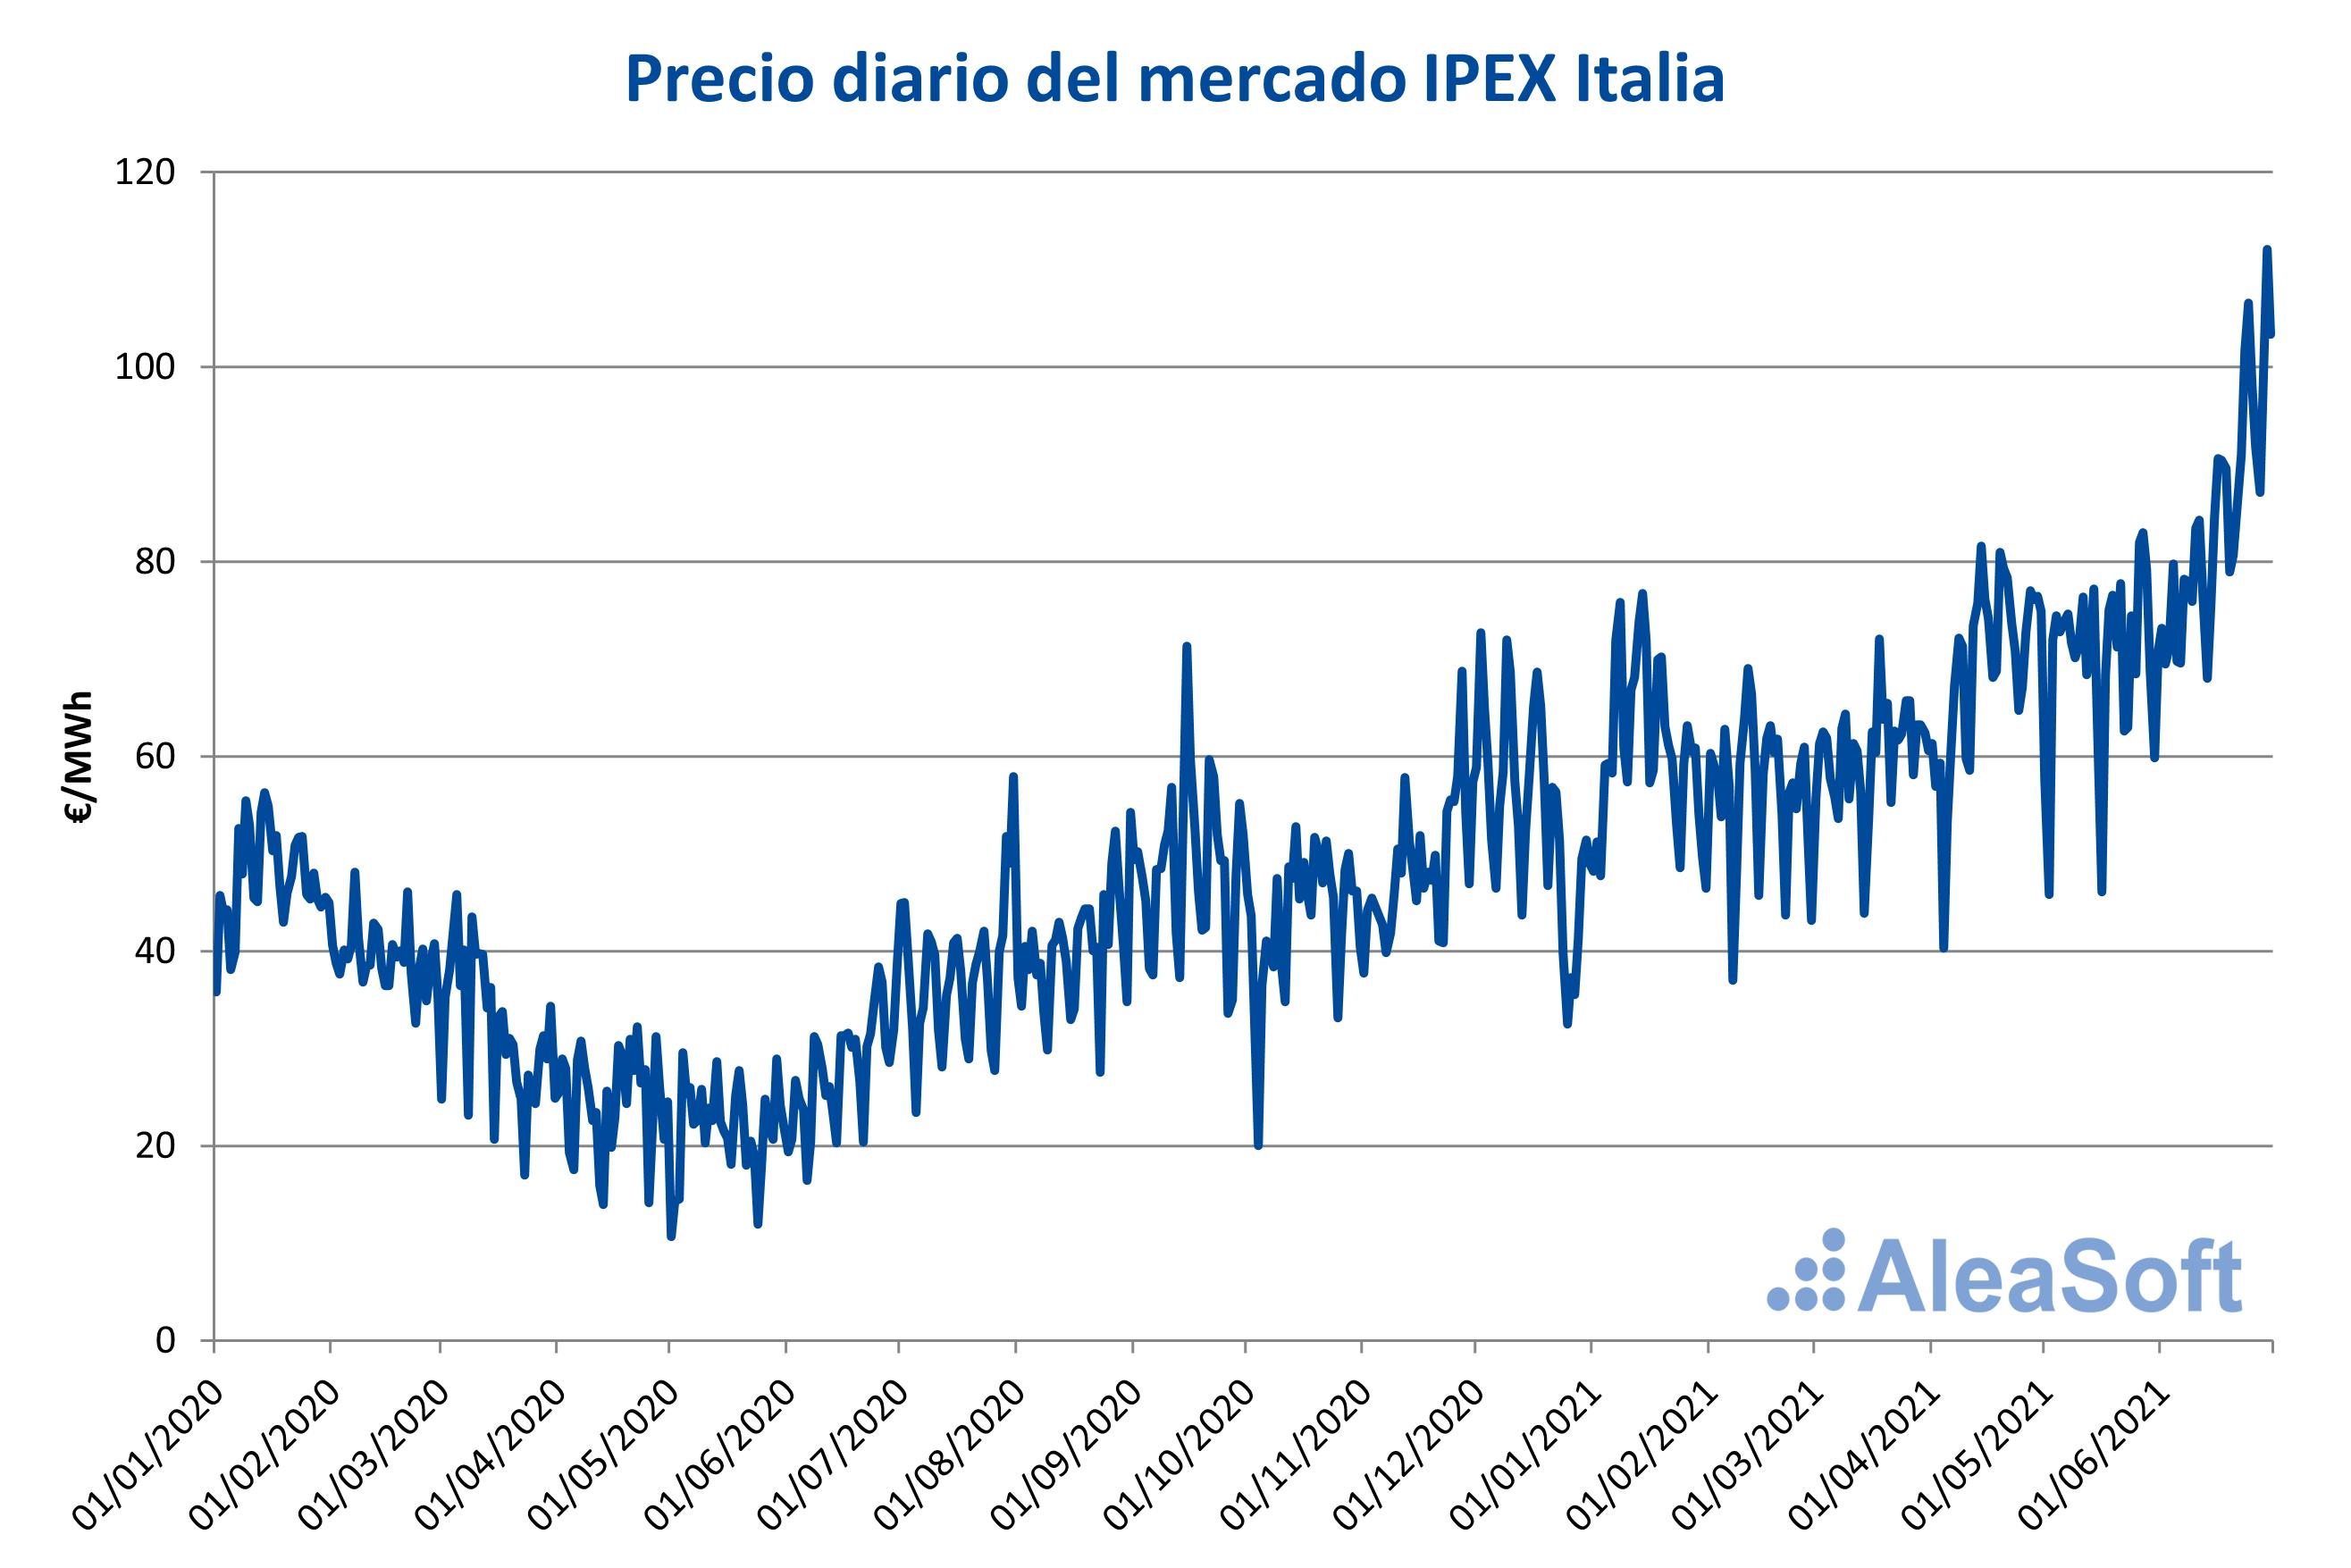 AleaSoft: La dependencia del gas lleva los precios del mercado italiano a ser de los más altos de Europa